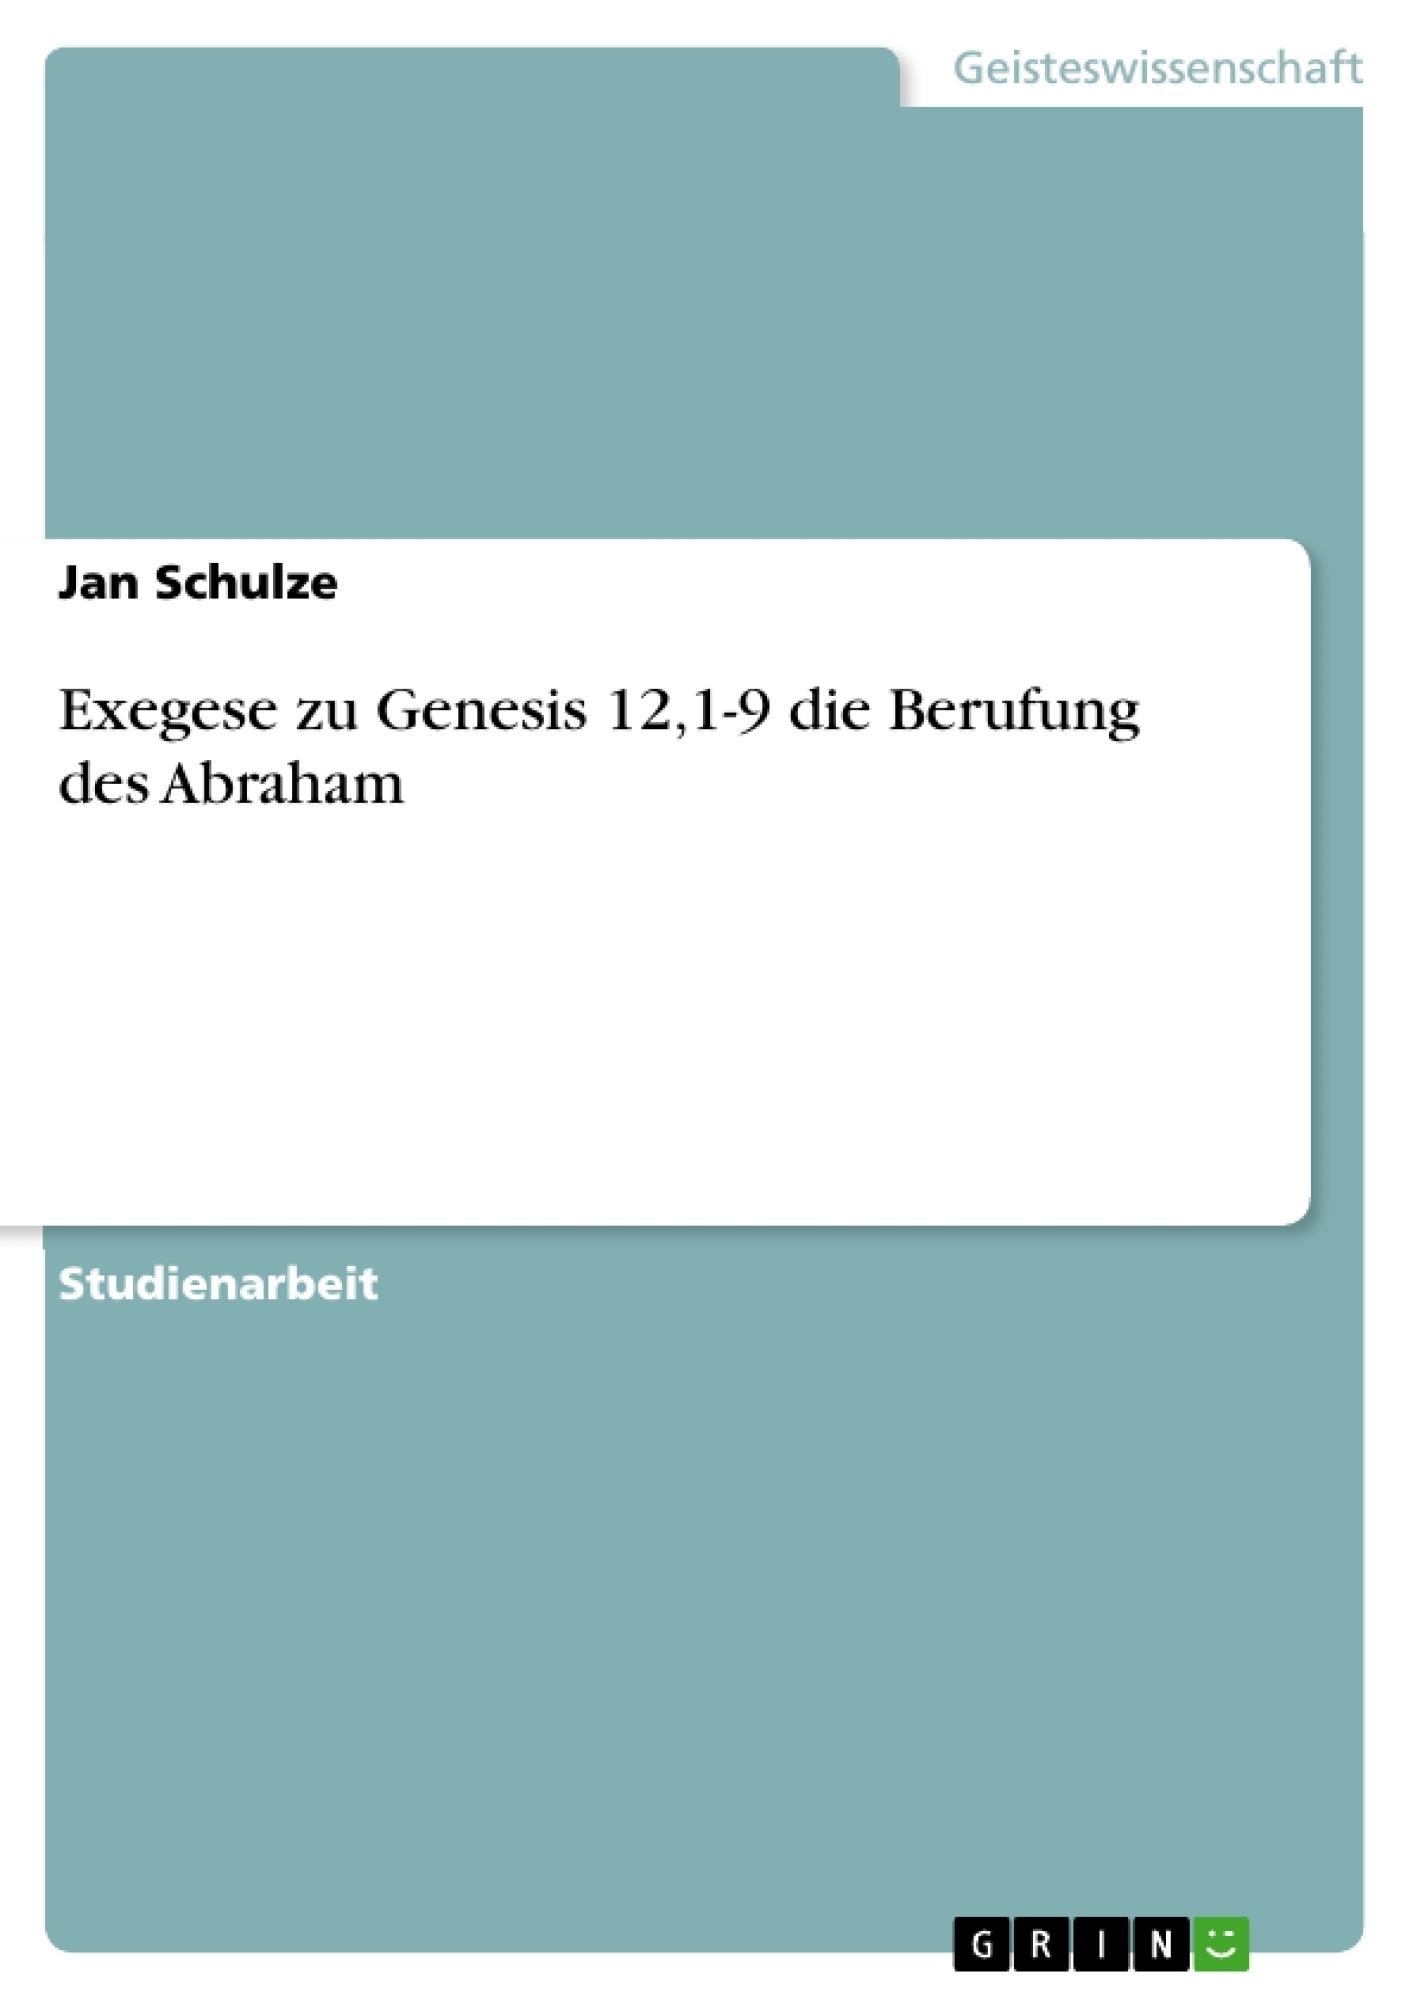 Titel: Exegese zu Genesis 12,1-9 die Berufung des Abraham